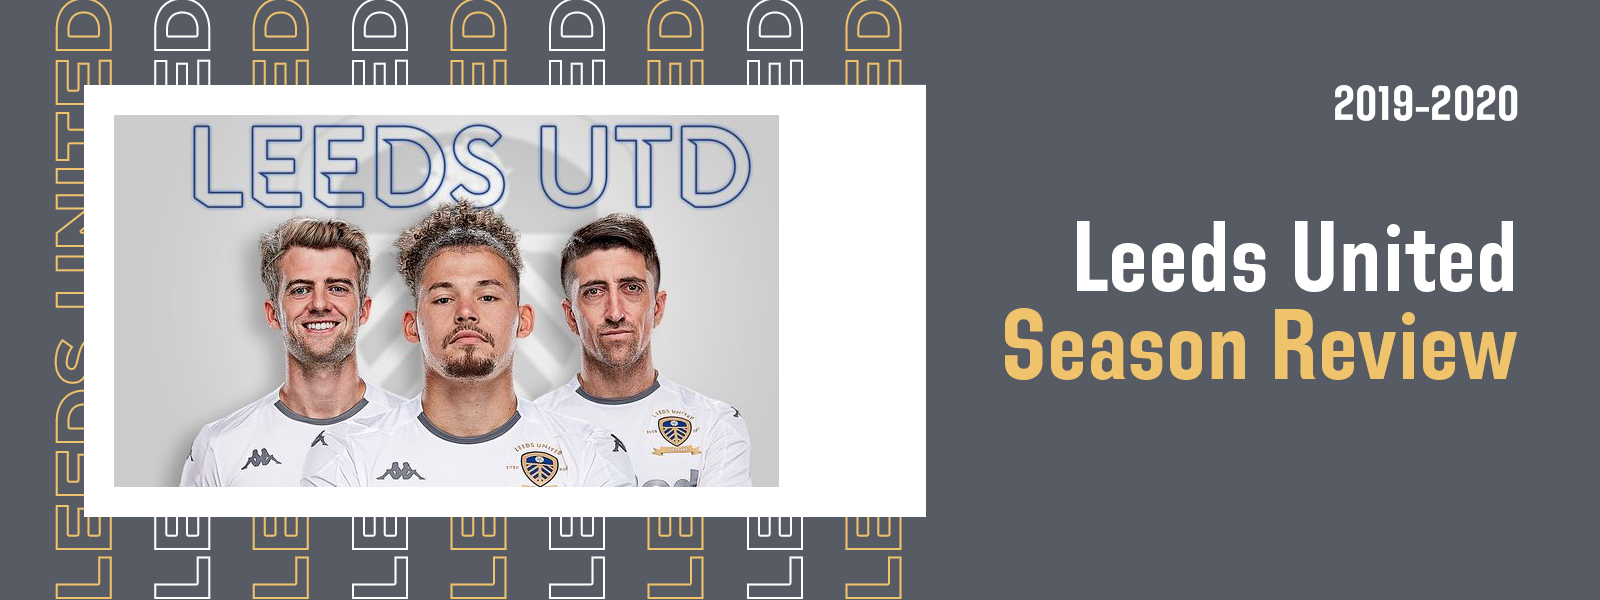 Leeds United In 2019-2020 Season Reviews